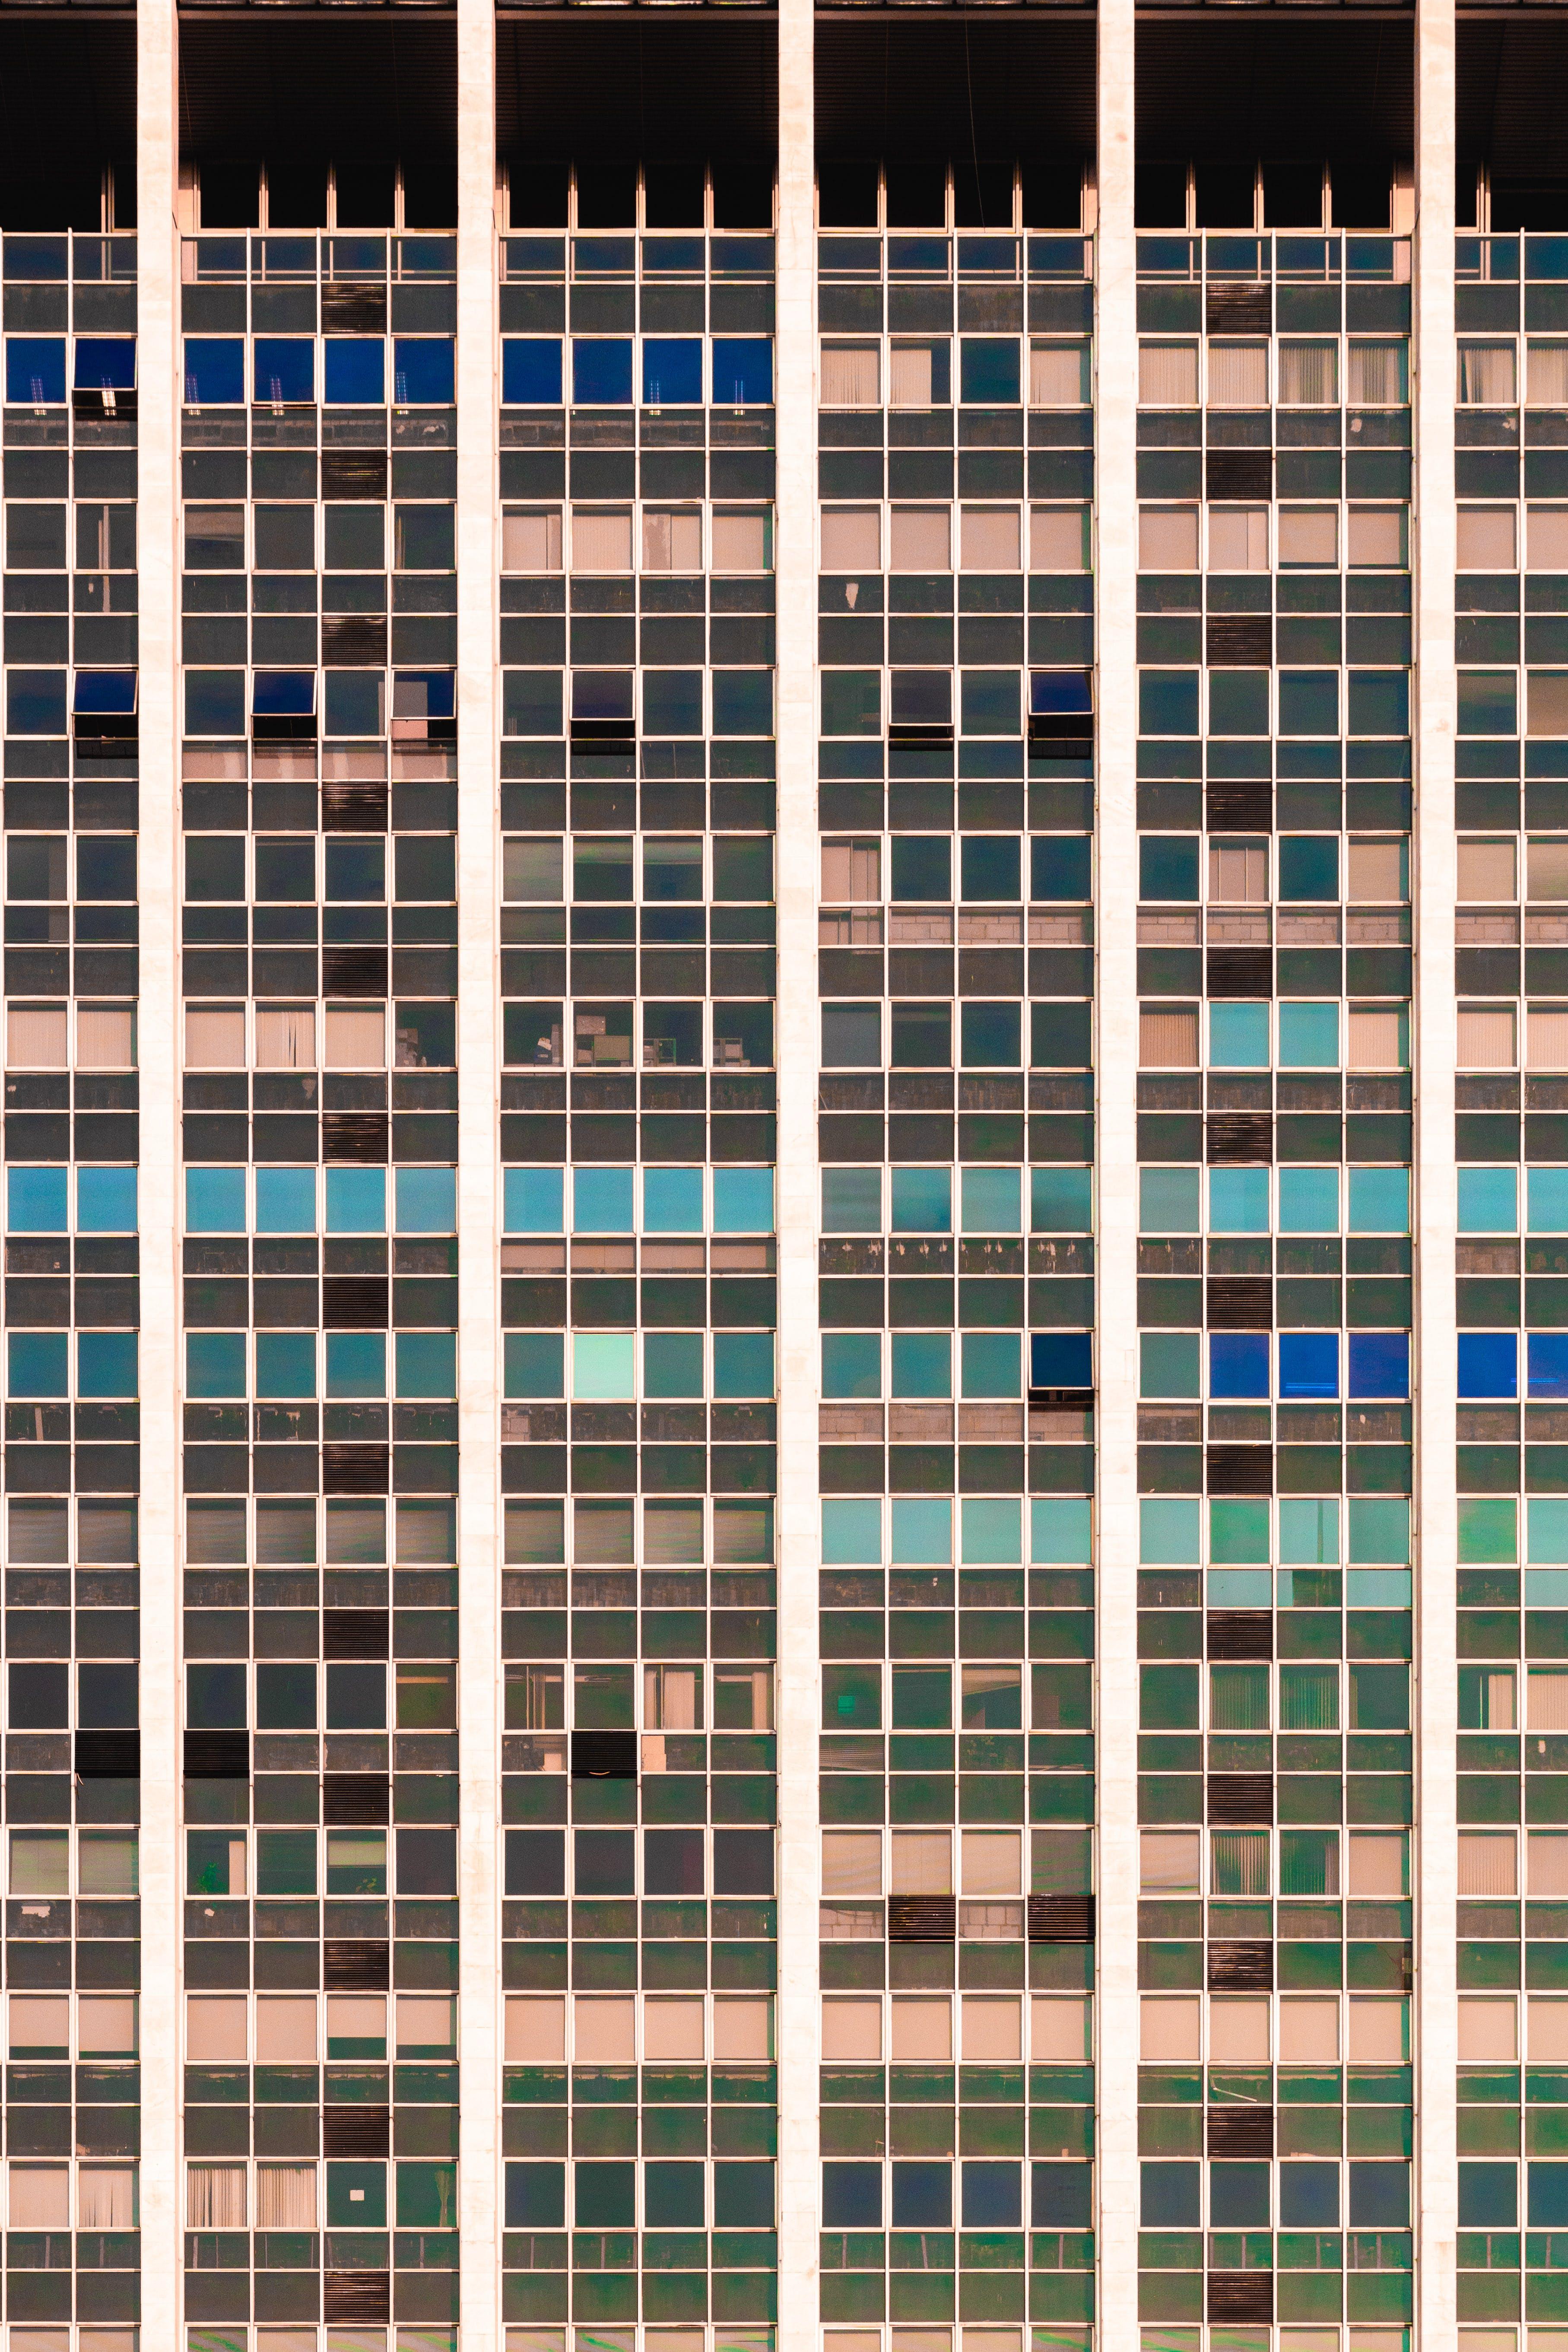 オフィスビル, ガラス, ガラスアイテム, ガラスパネルの無料の写真素材